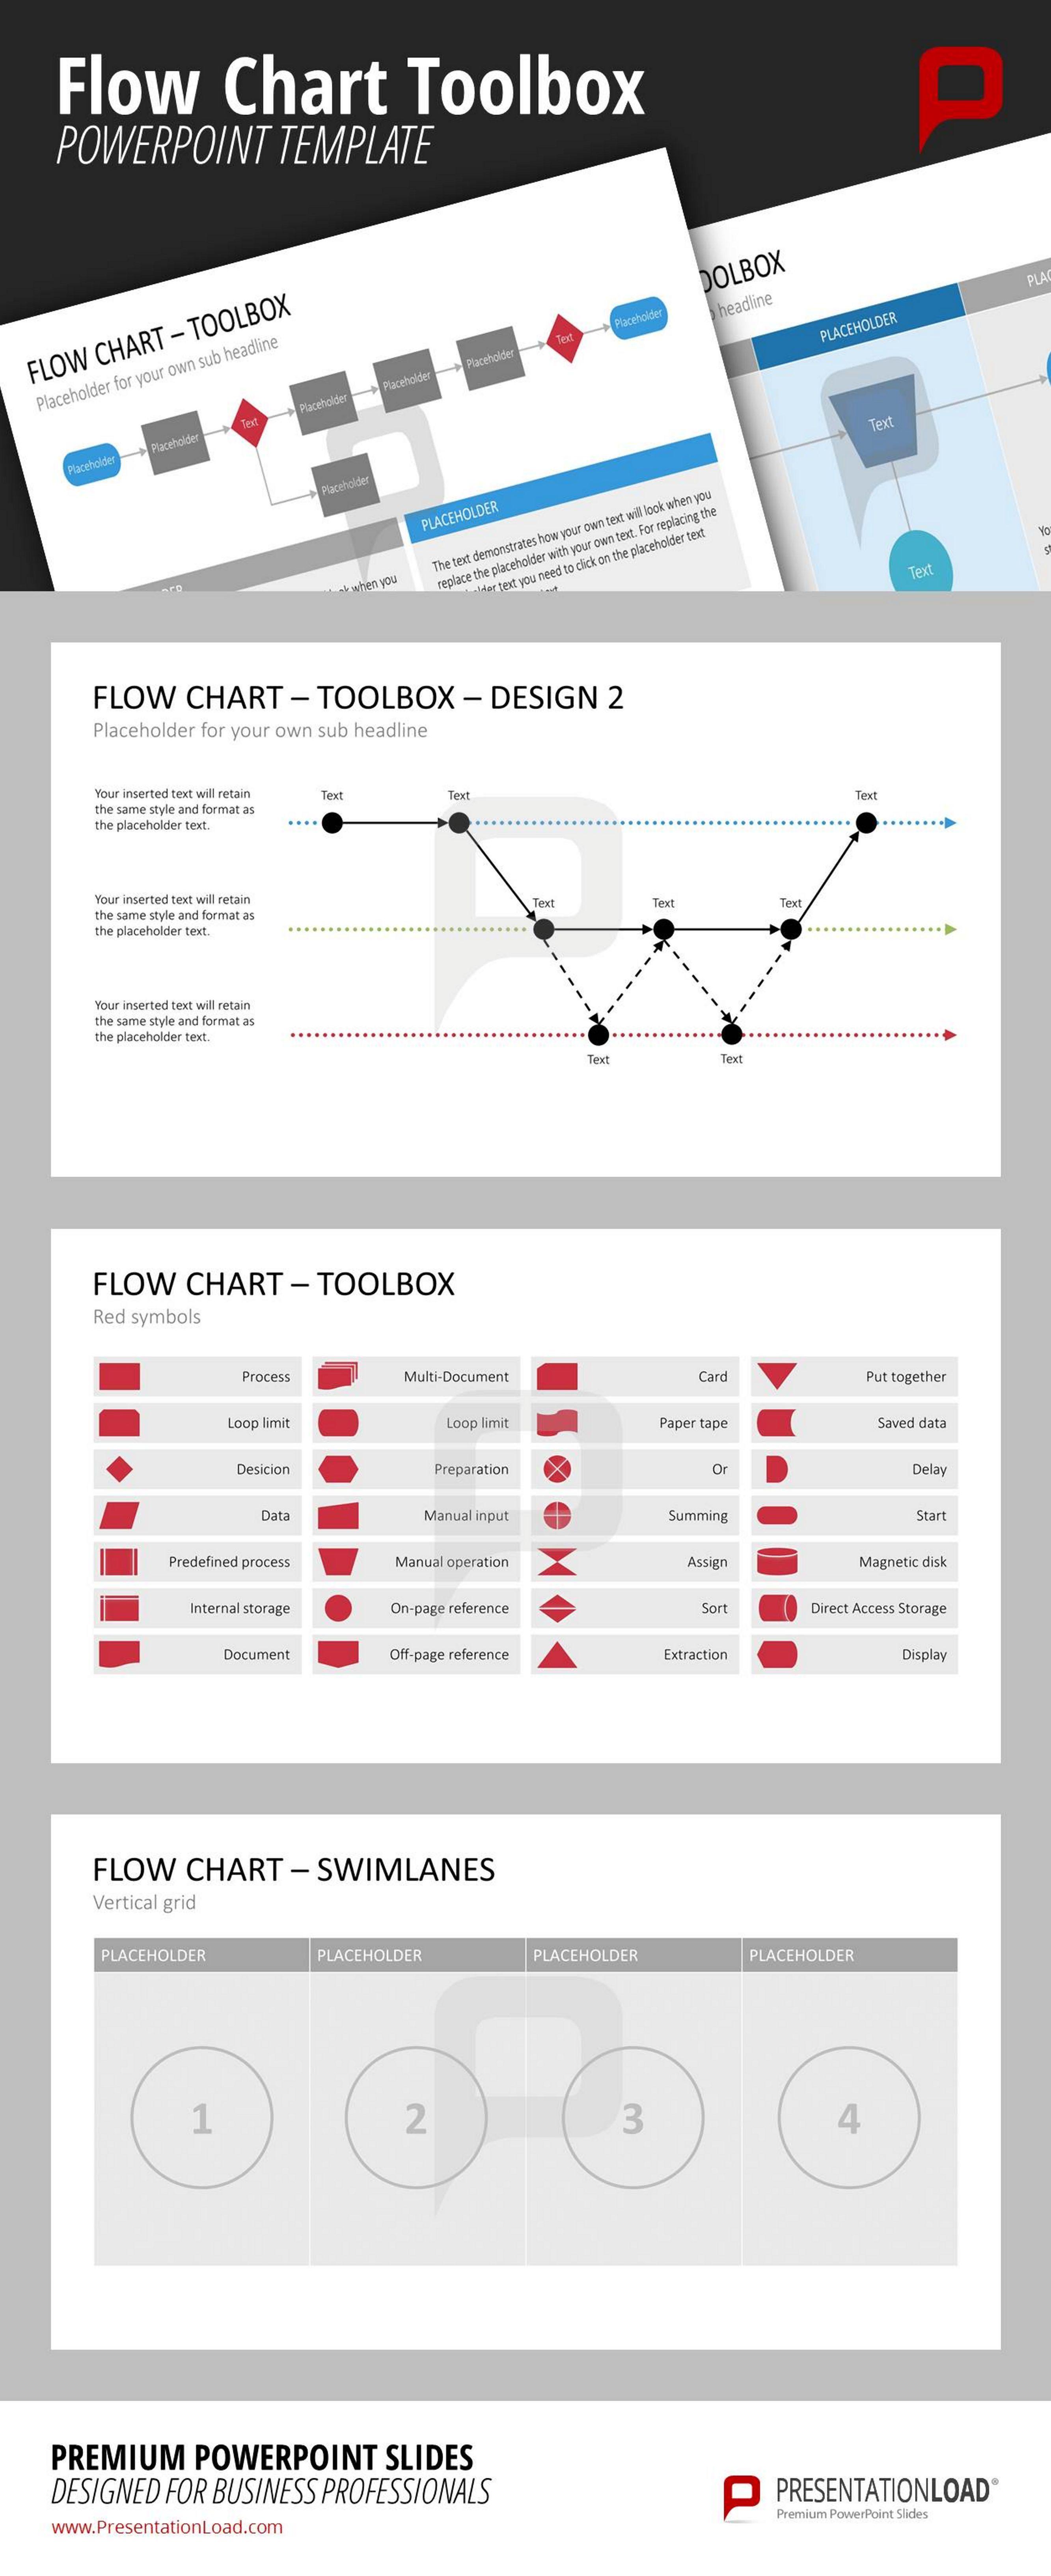 Unsere neue Flow Chart Toolbox bietet Ihnen eine schnelle und ...